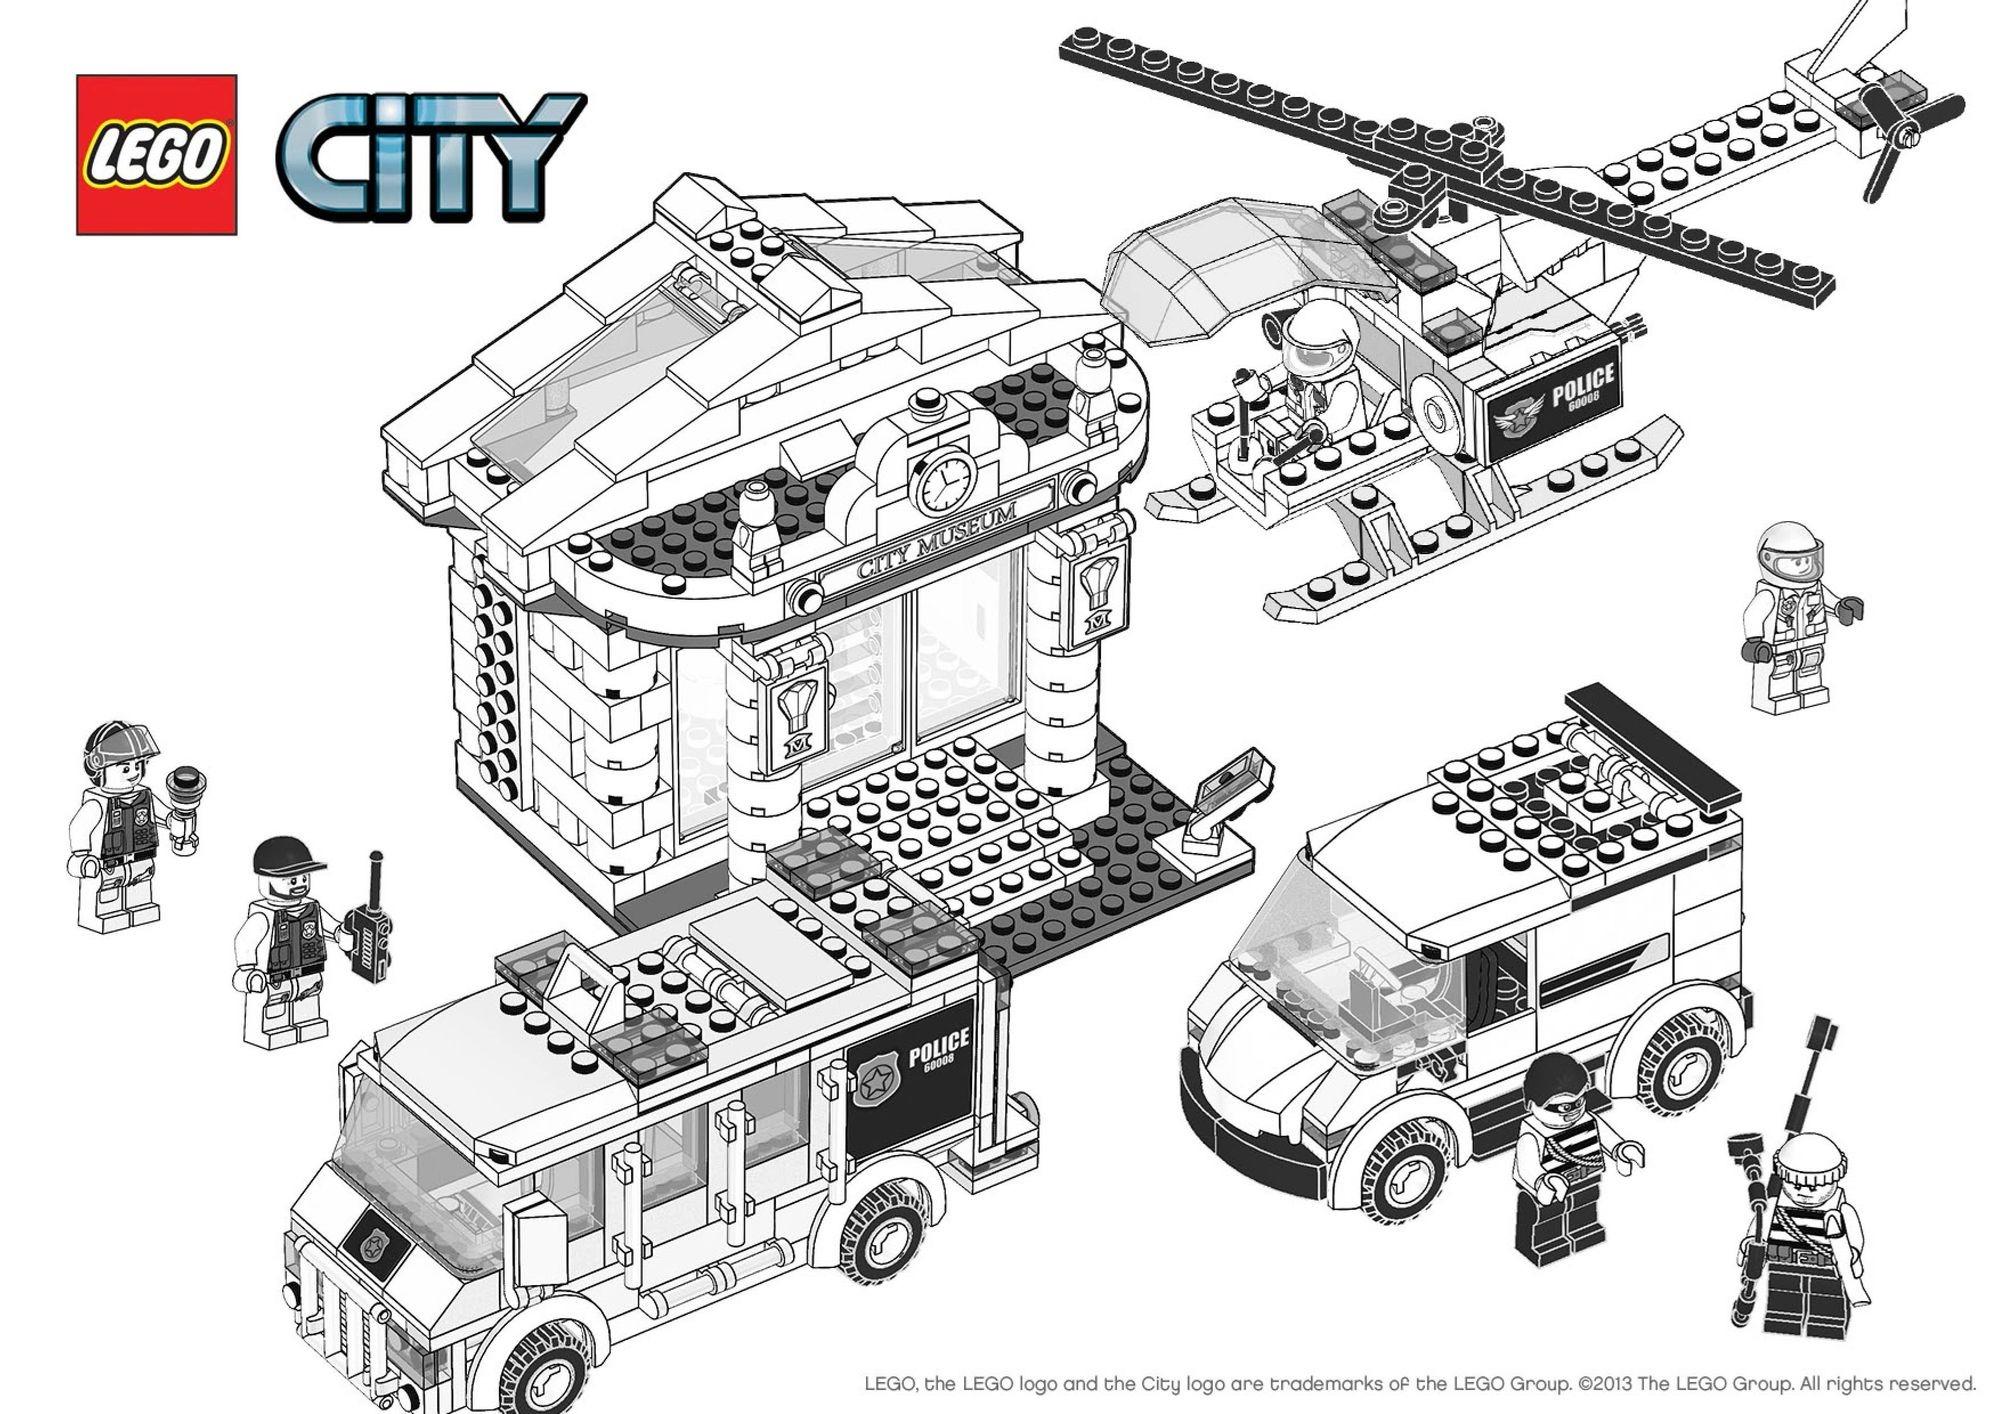 Coloriage Lego City Le Cambriolage Du Musee Coloriage Lego City Coloriages Dessins Animes